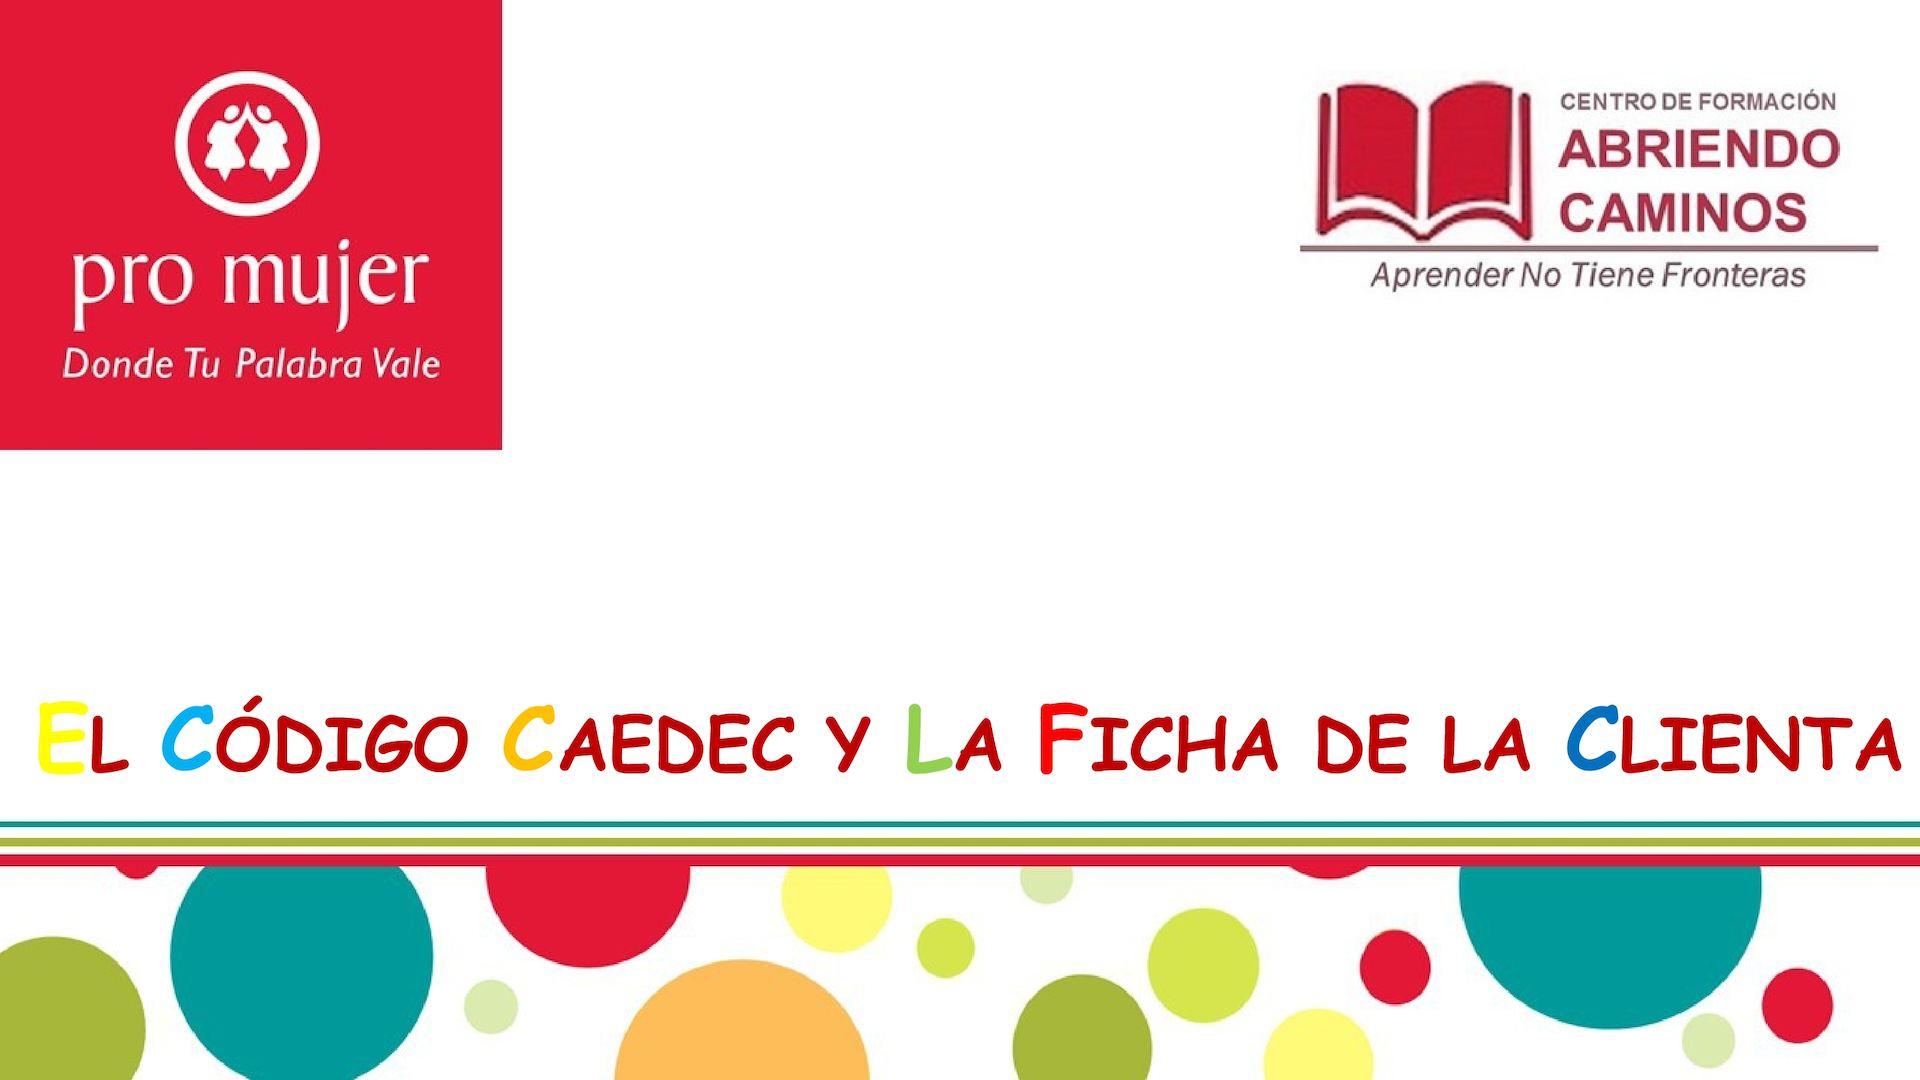 Cc 1 3 Codigo Caedec Y Ficha De Clienta Actual